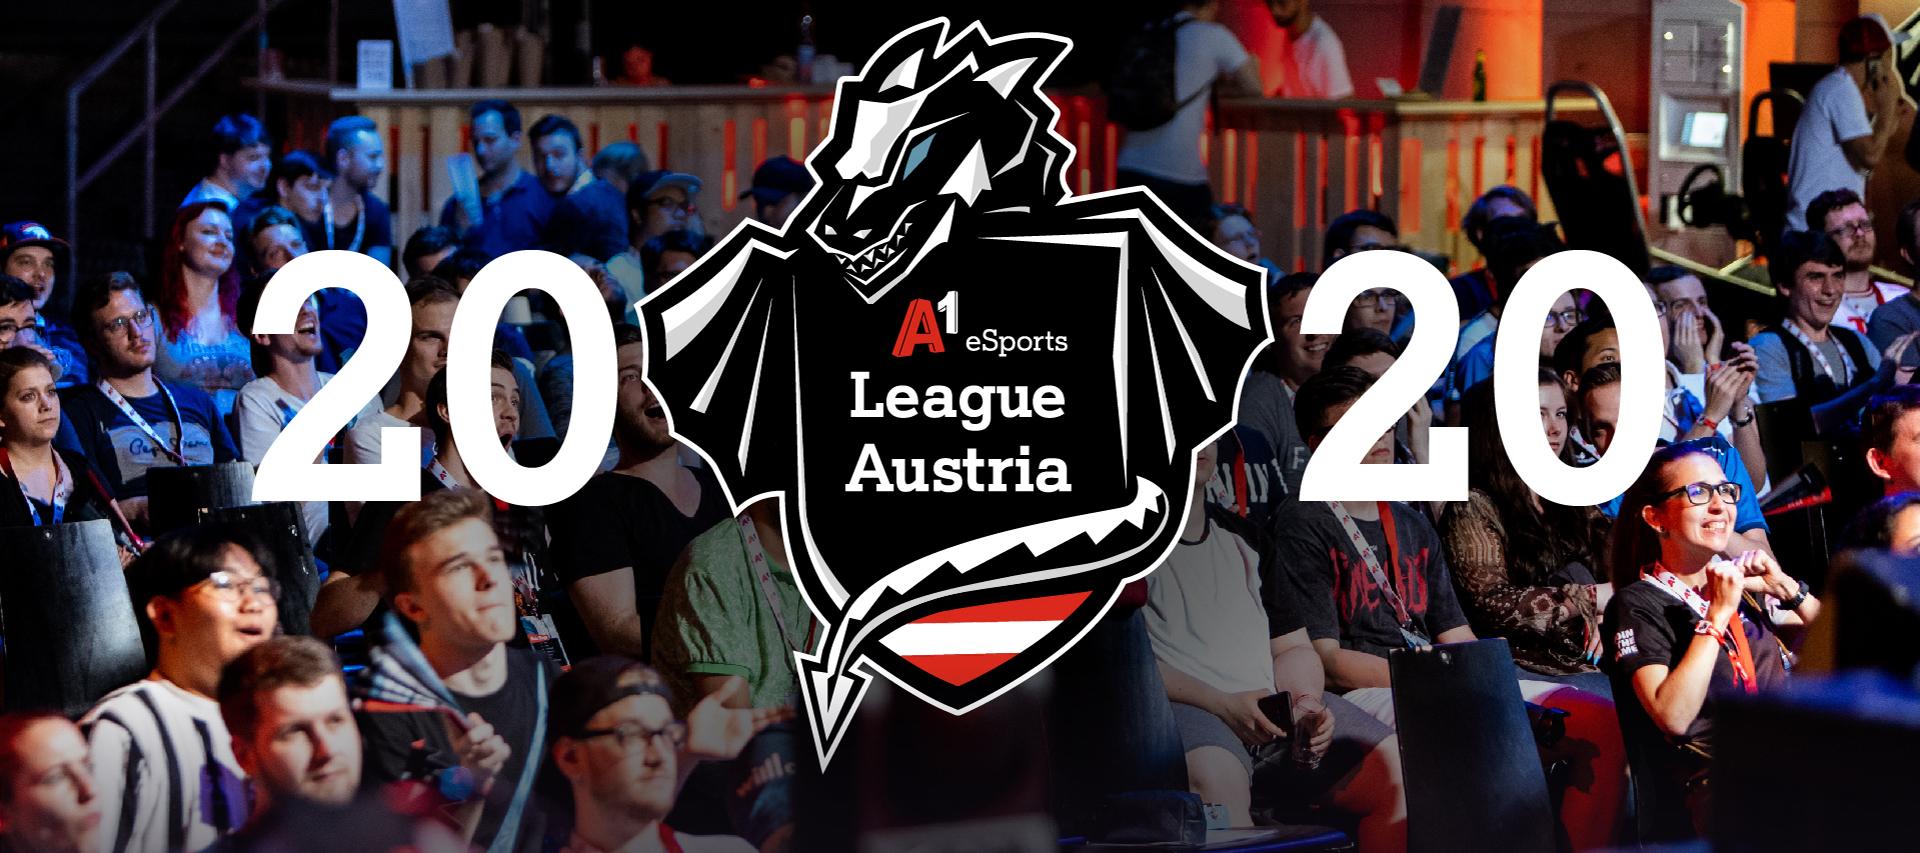 Die A1 eSports League startet in die neue Saison!